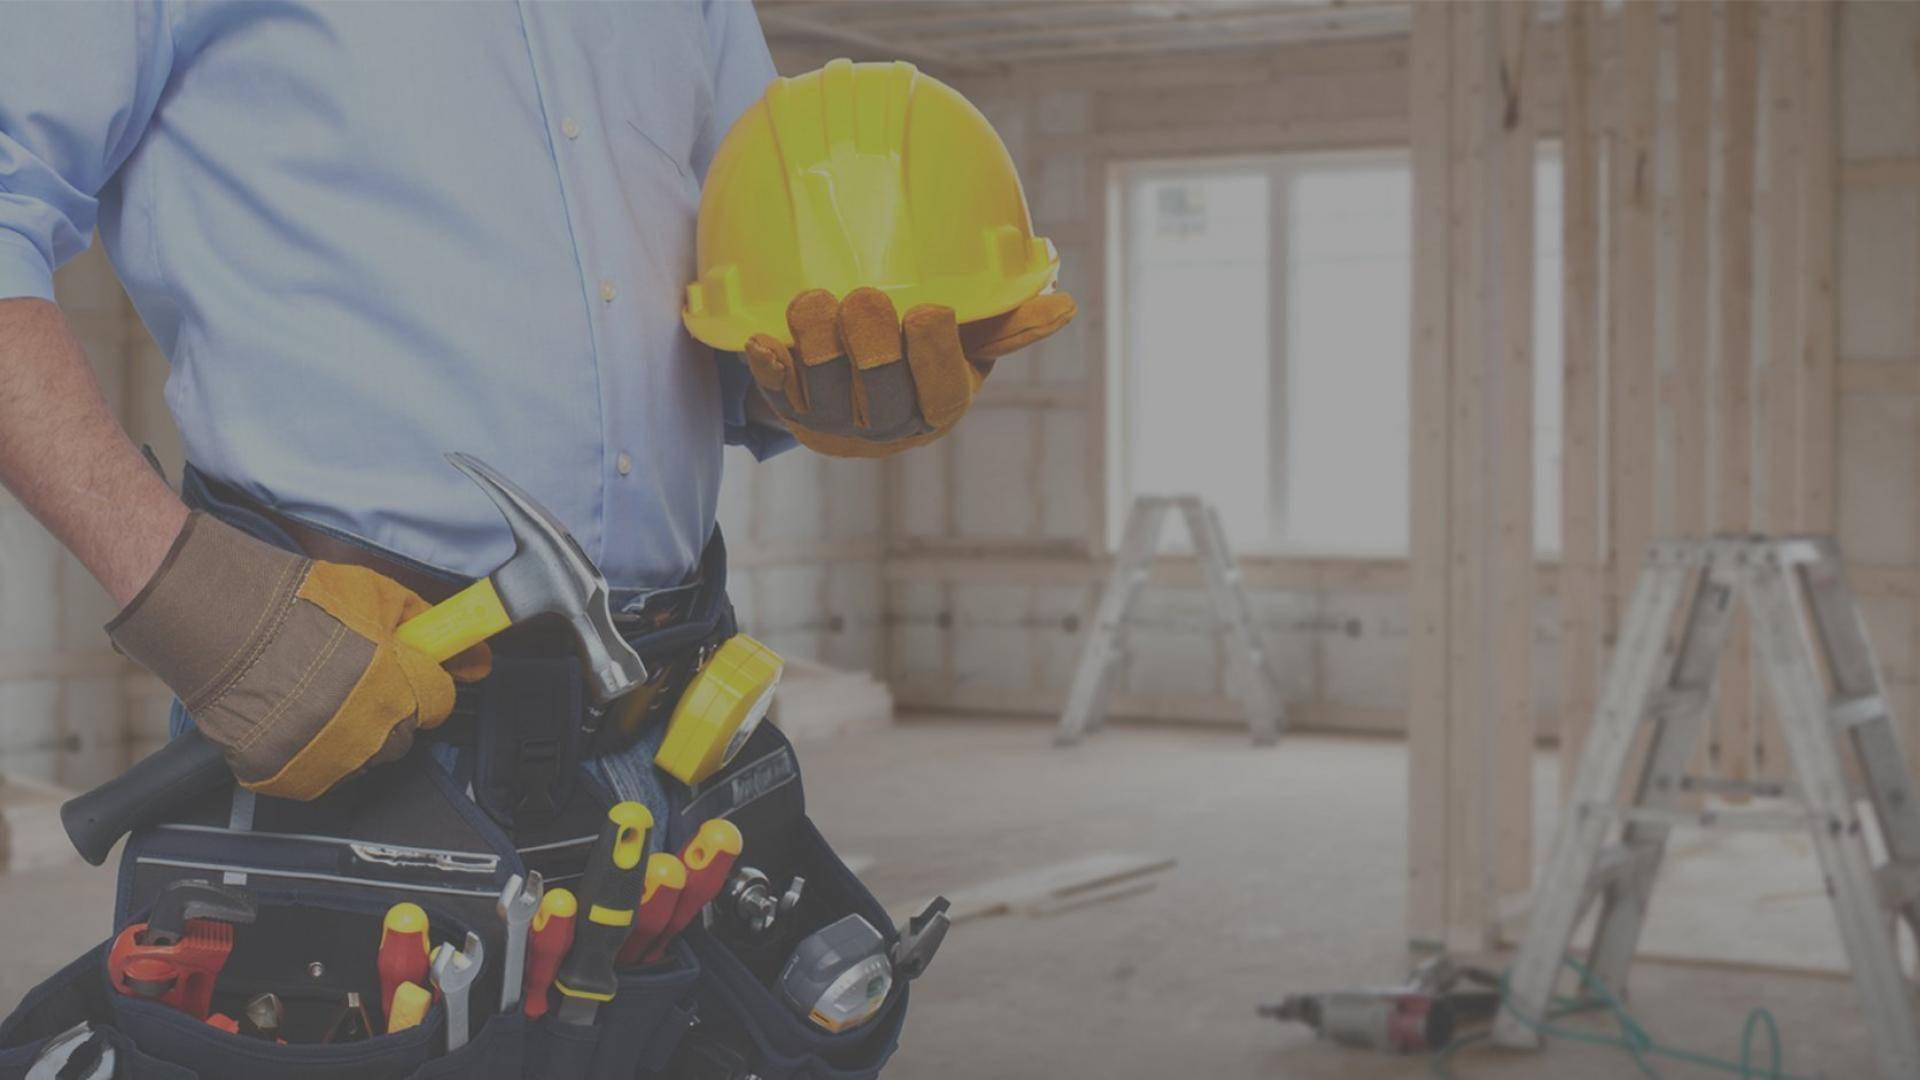 Materiale edili e prodotti per l'edilizia